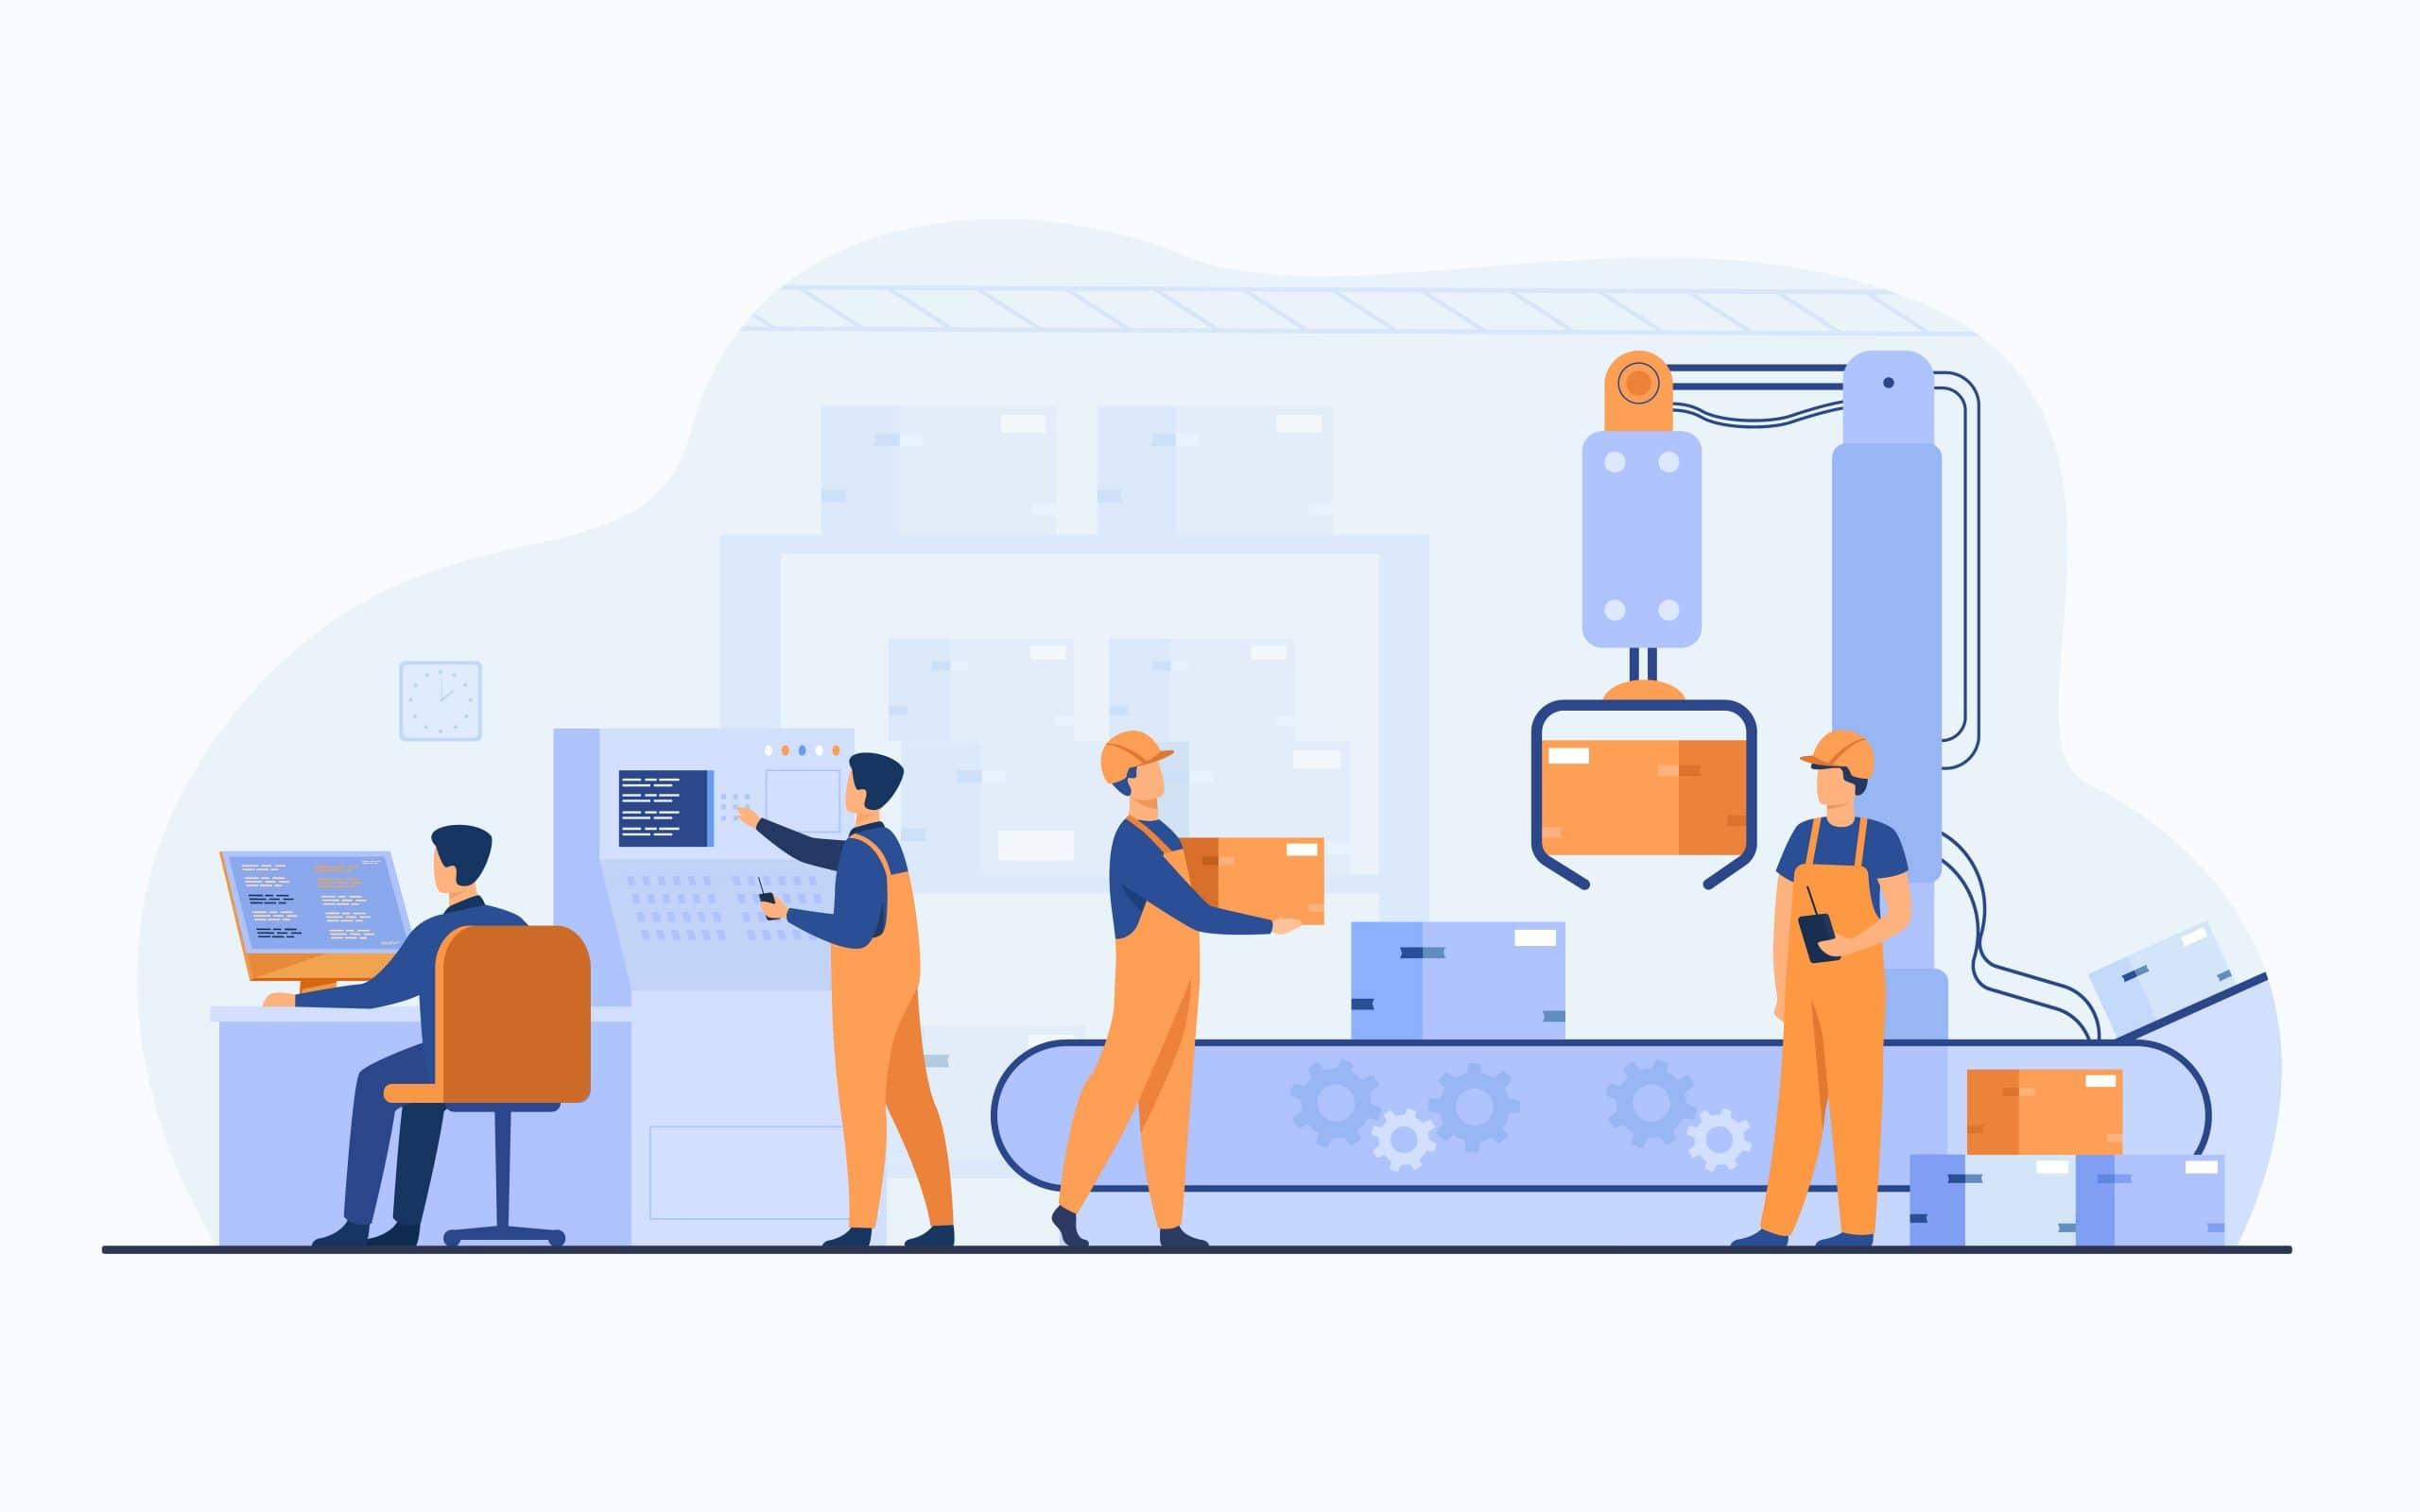 Microsoft Teams Schichten App Produktionsmitarbeiter-Teams